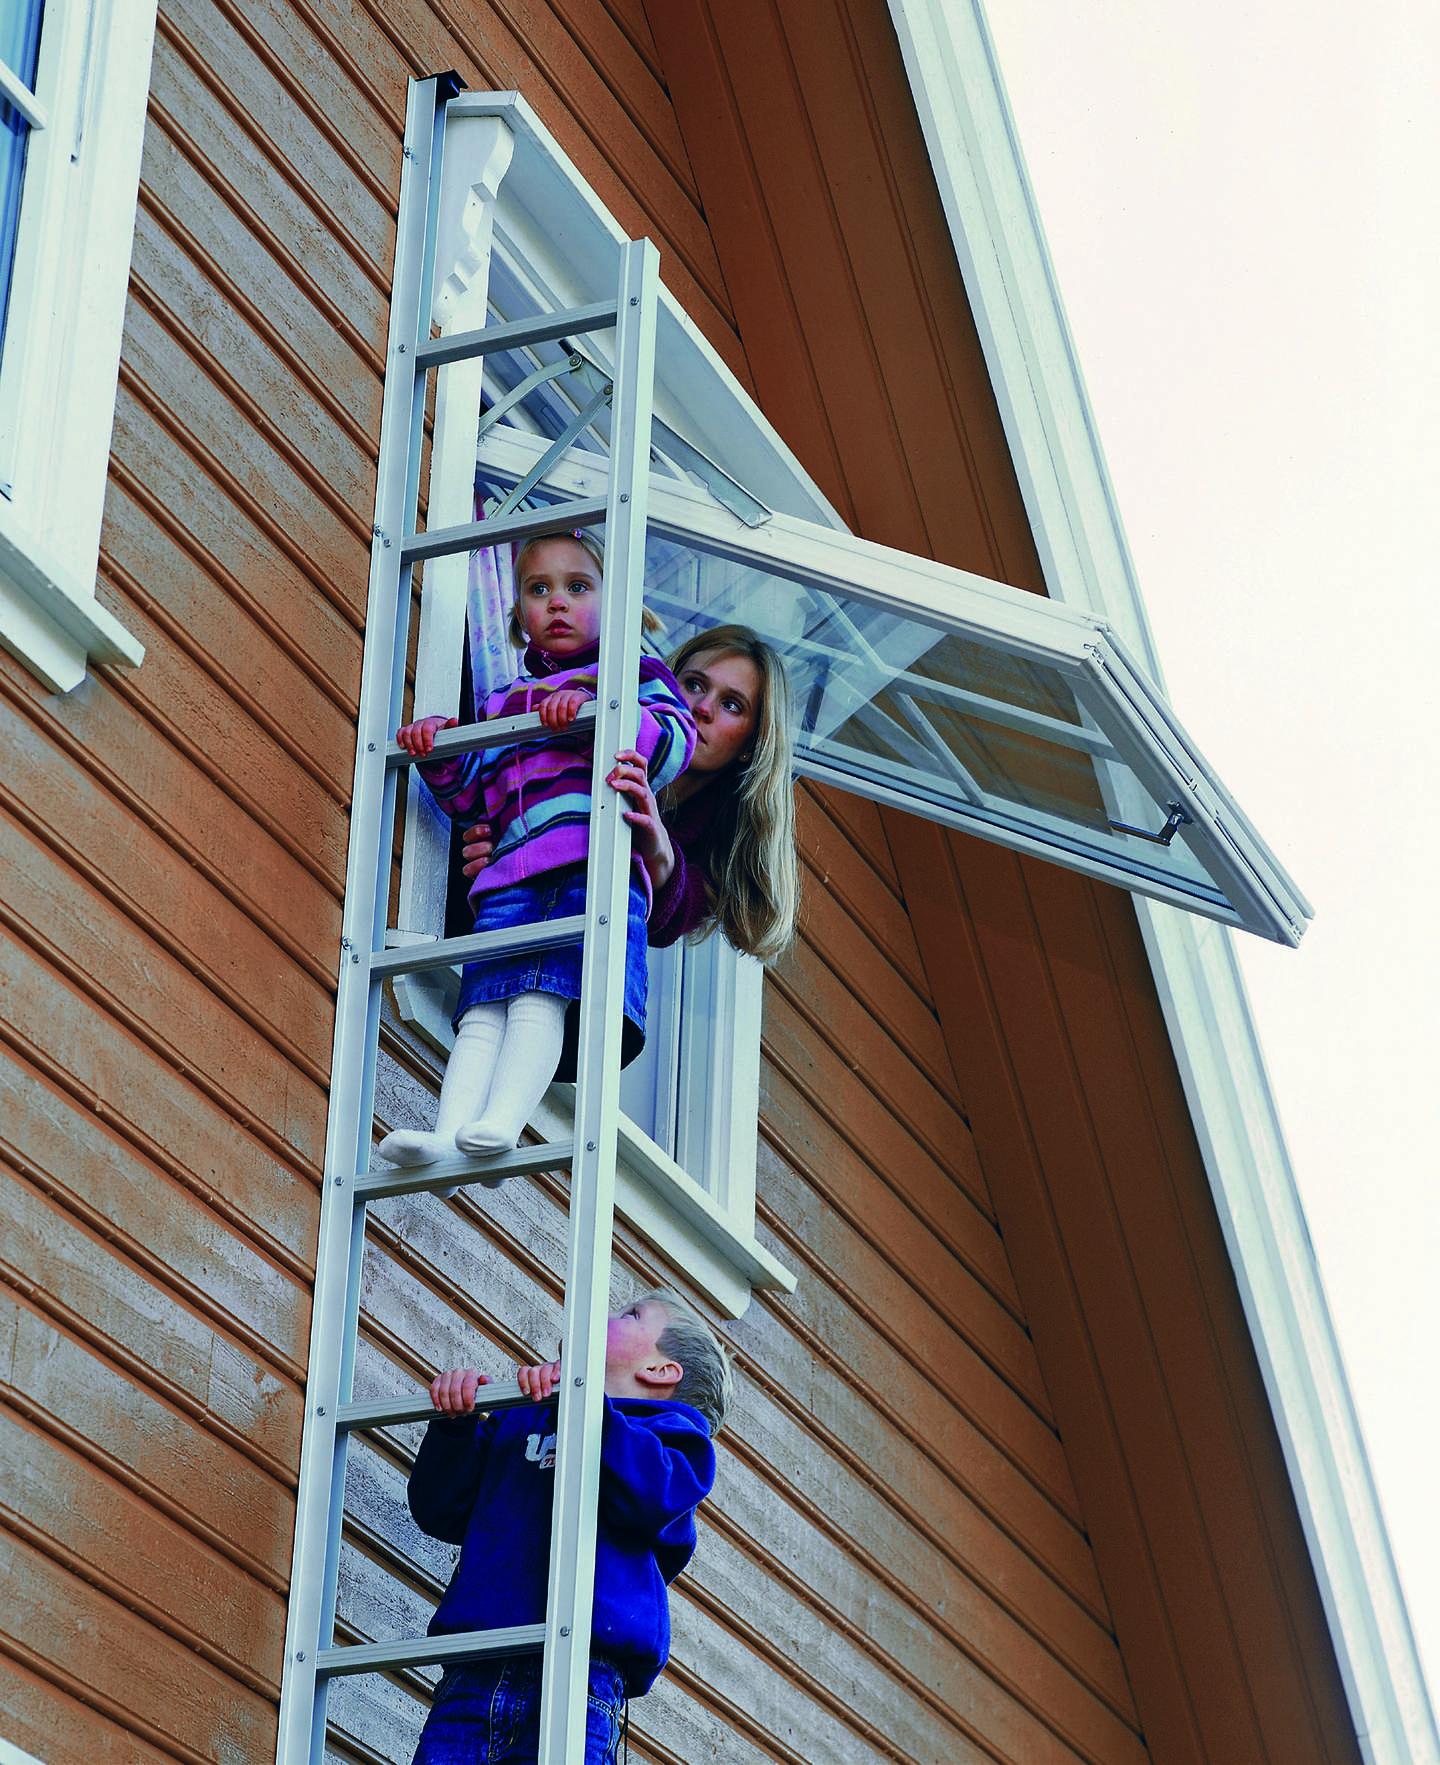 Familie tester brannstige på utsiden av hus